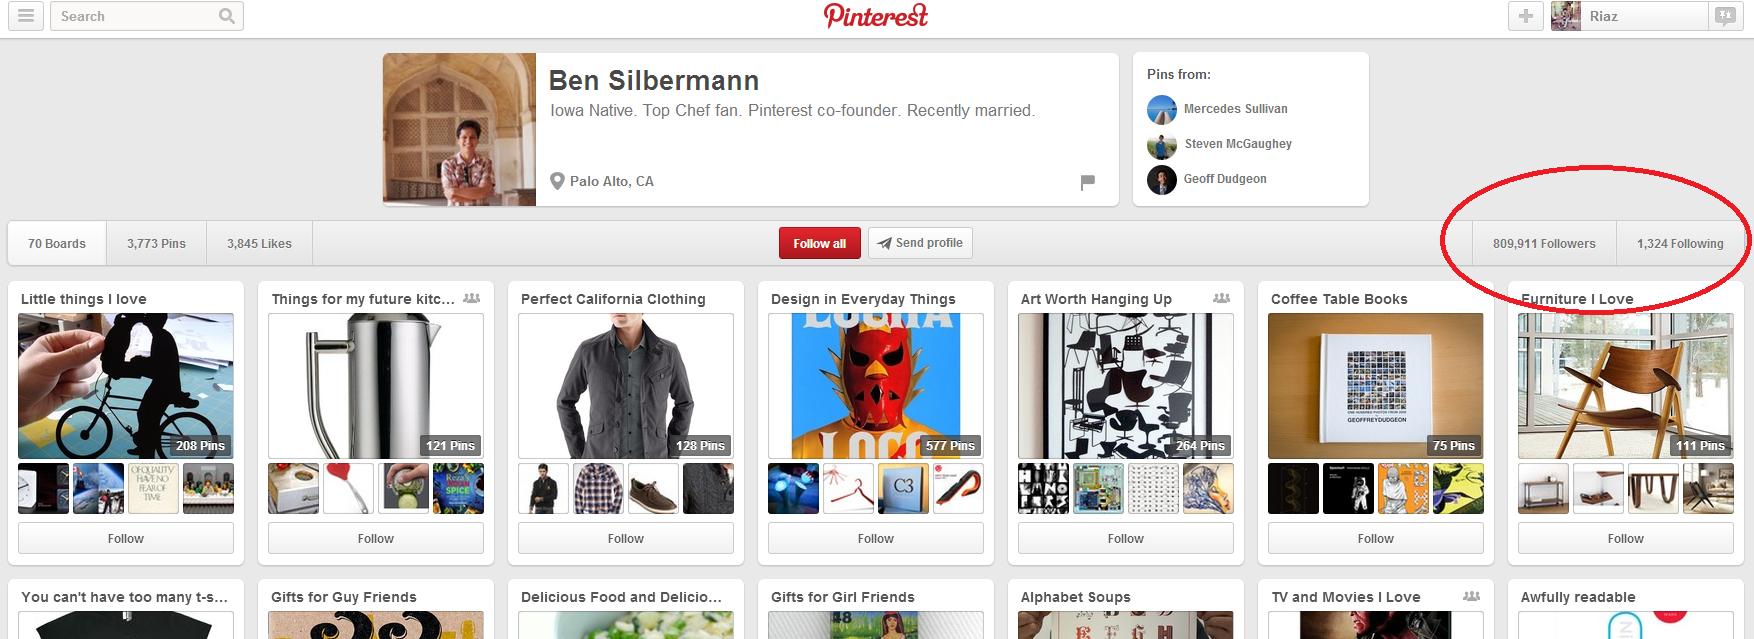 Ben Silbermann's Pinterest